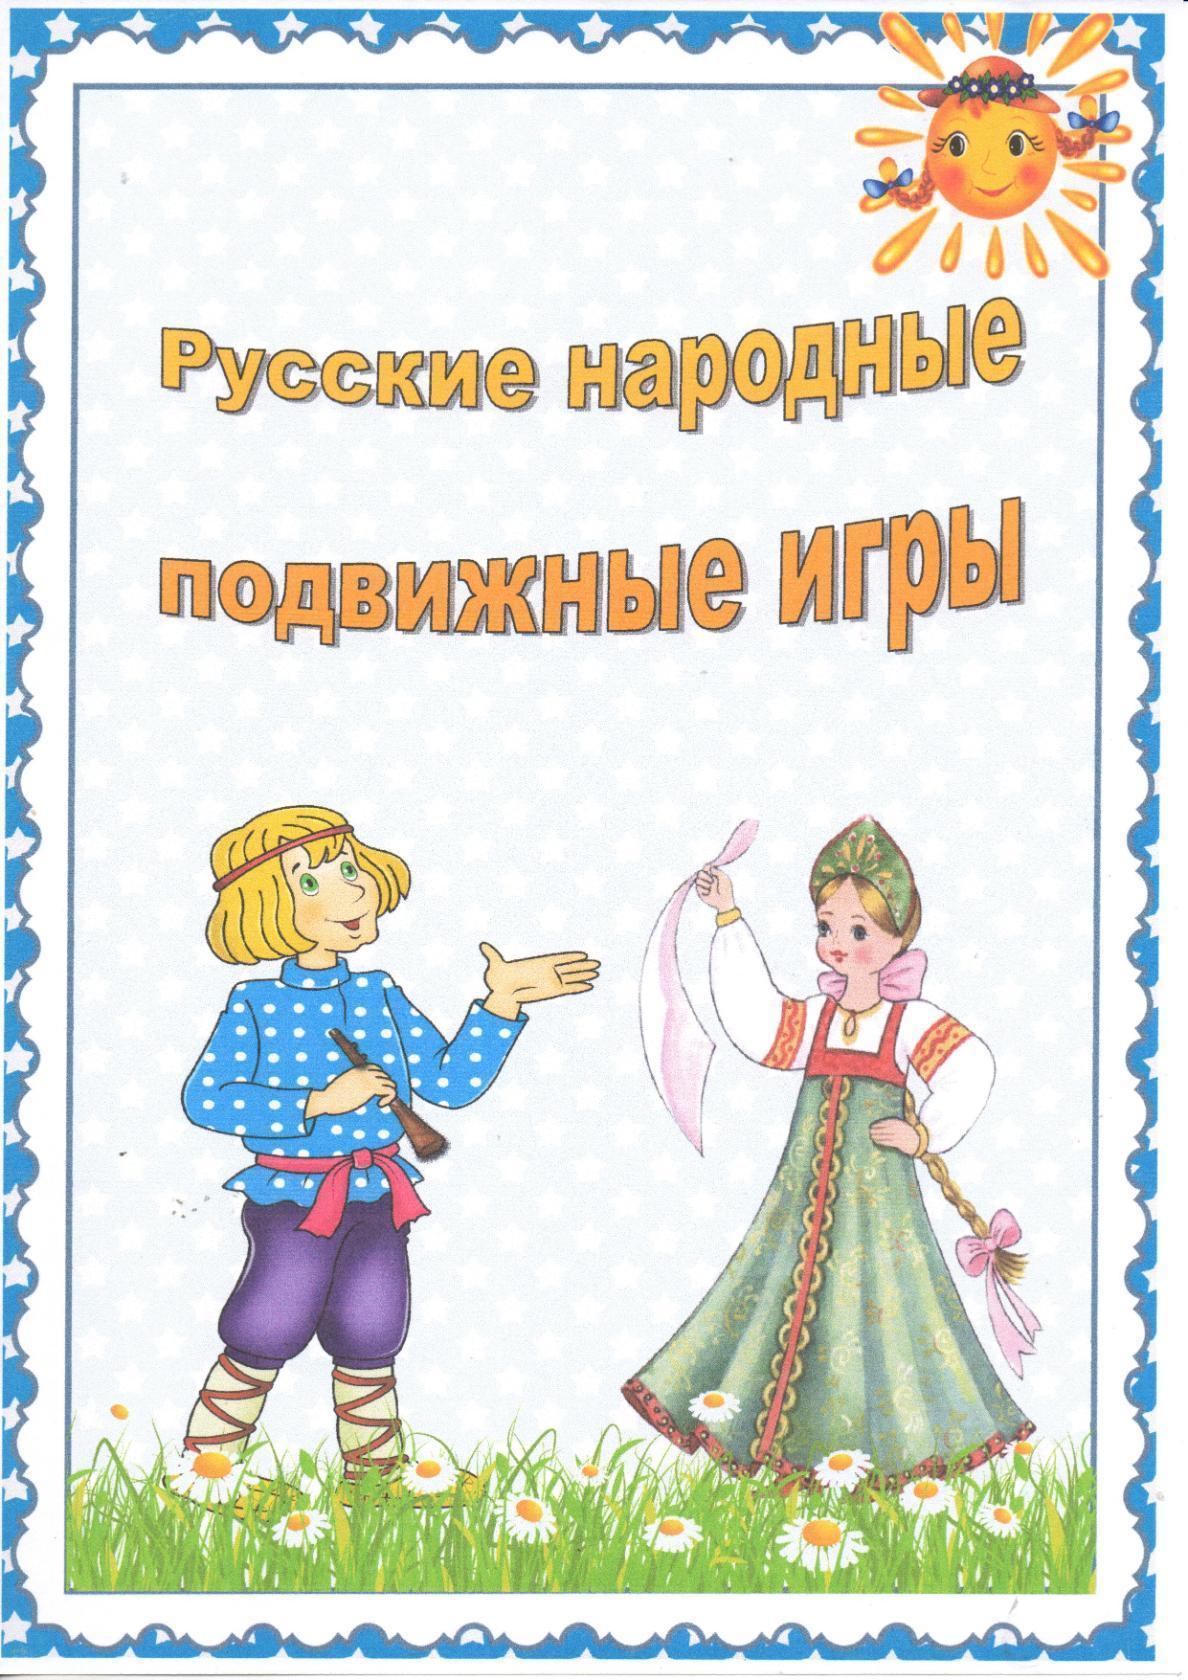 Русские народные игры картинки